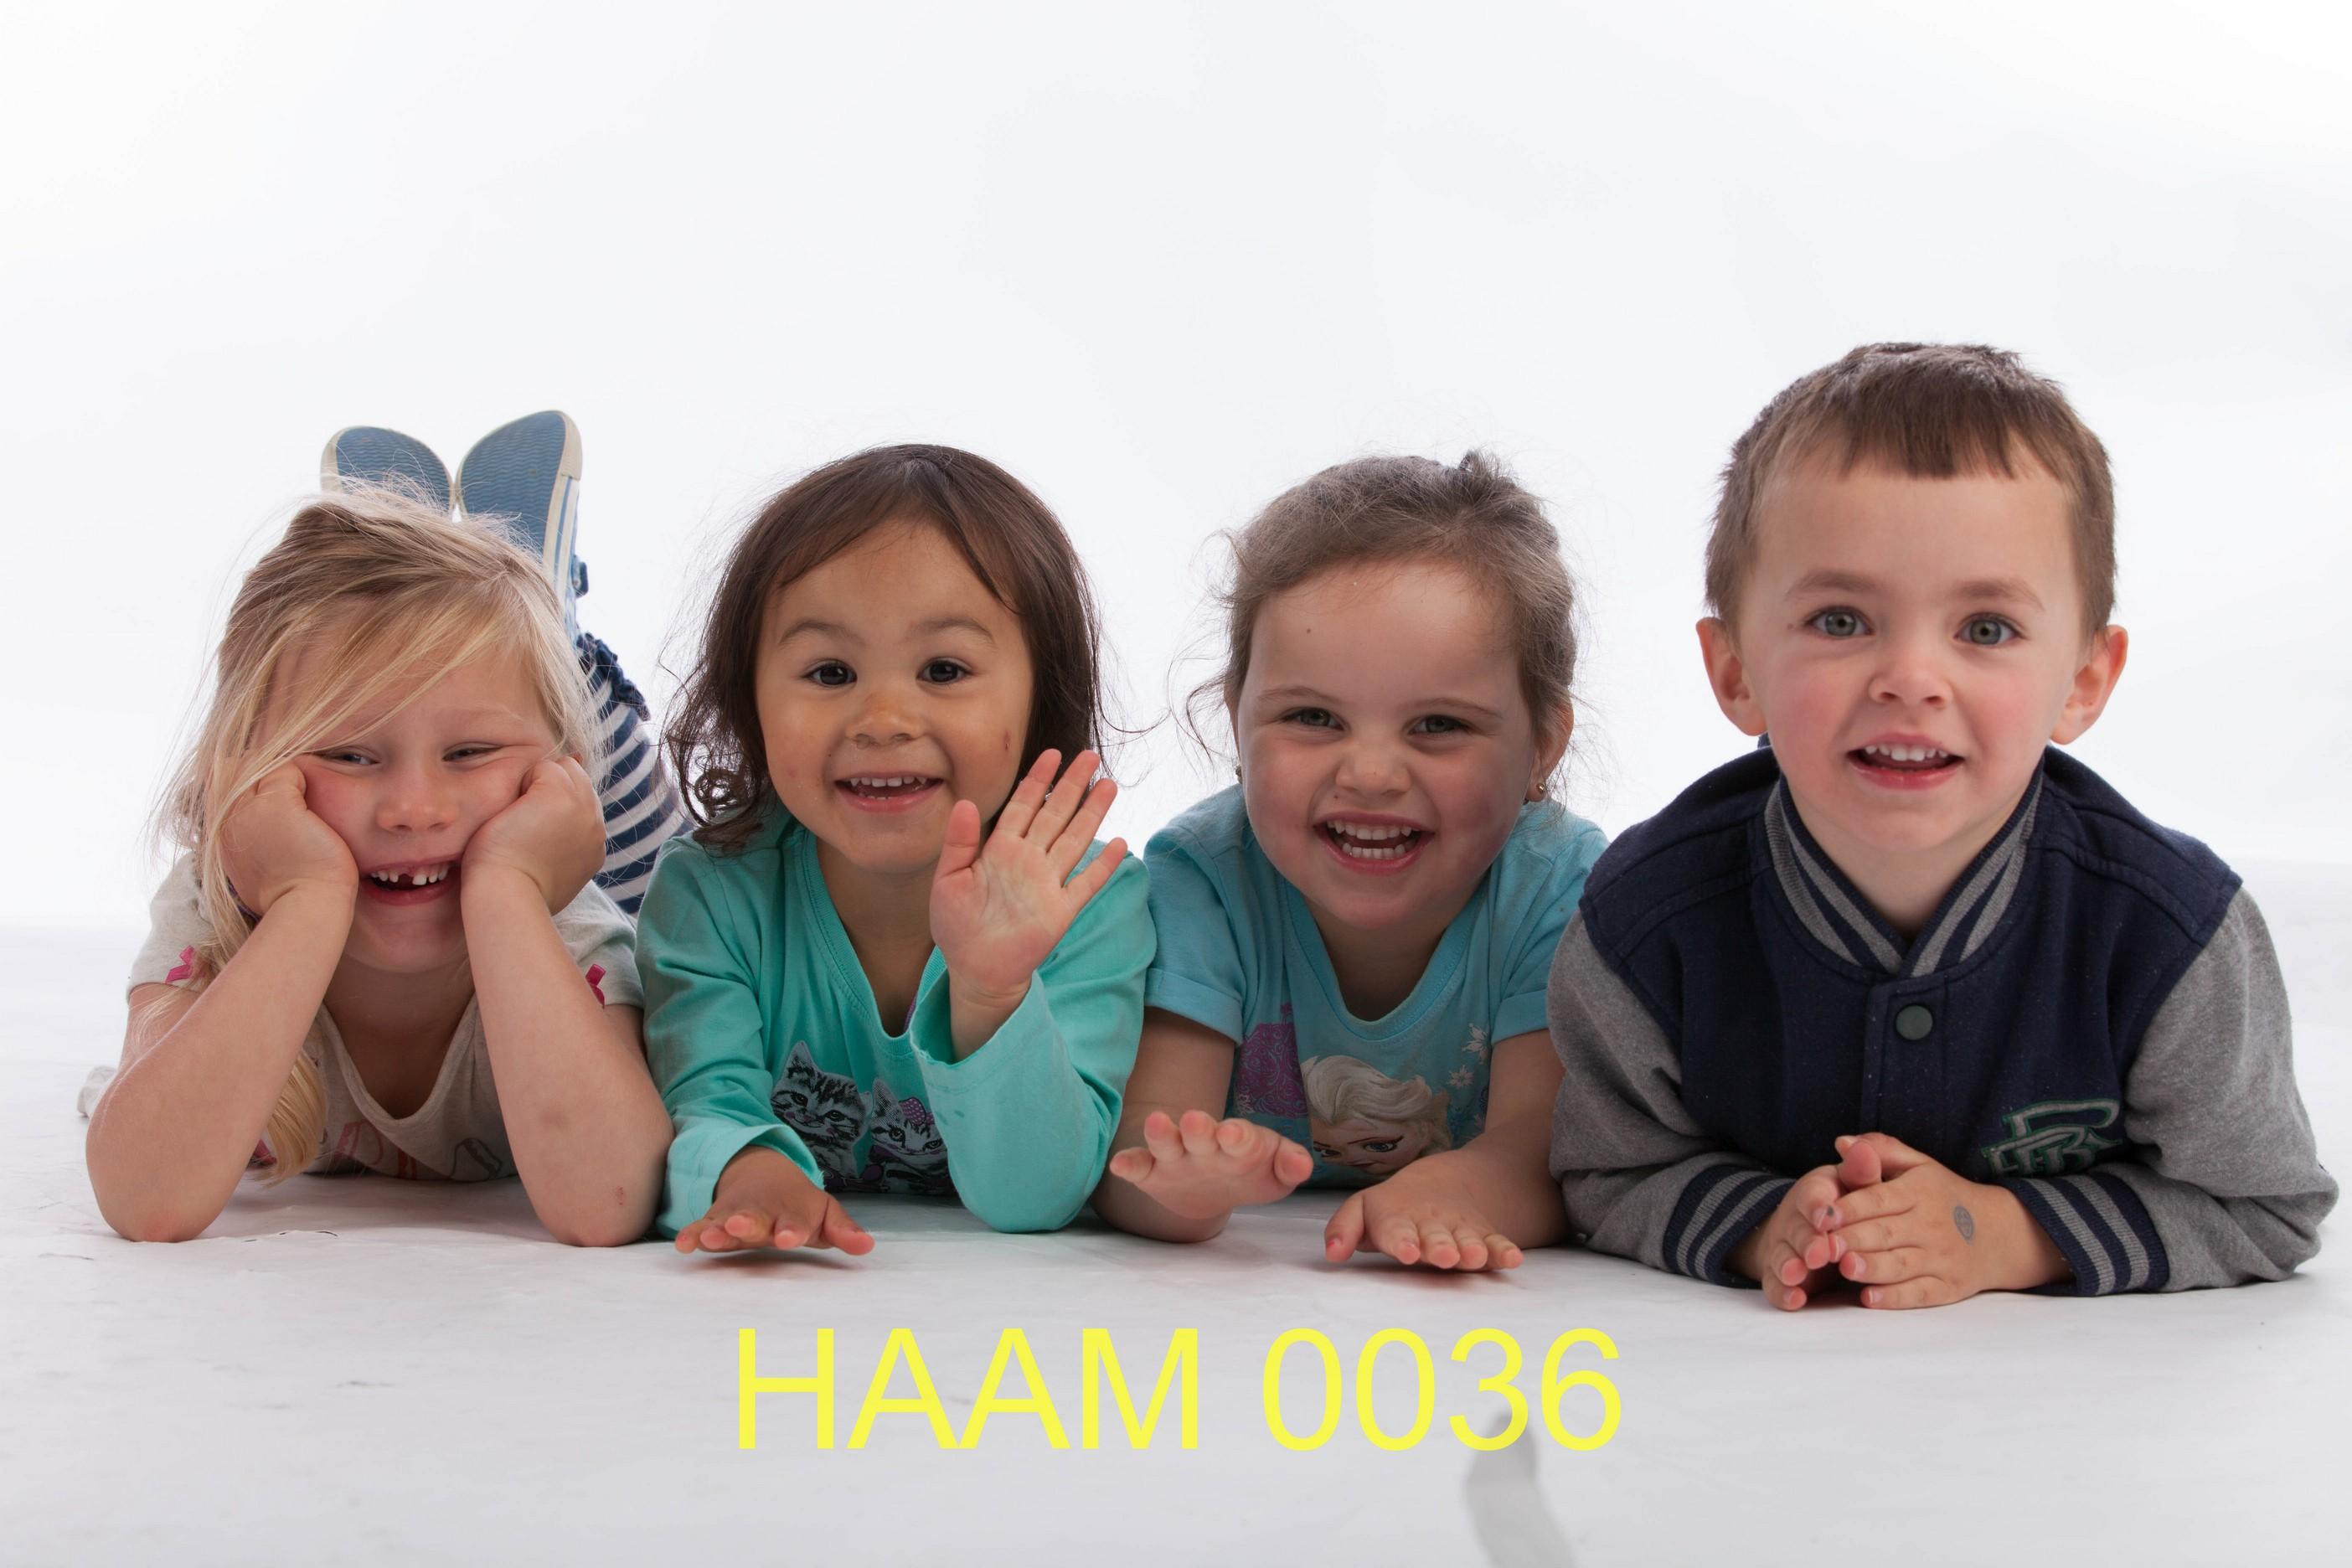 HAAM 0036